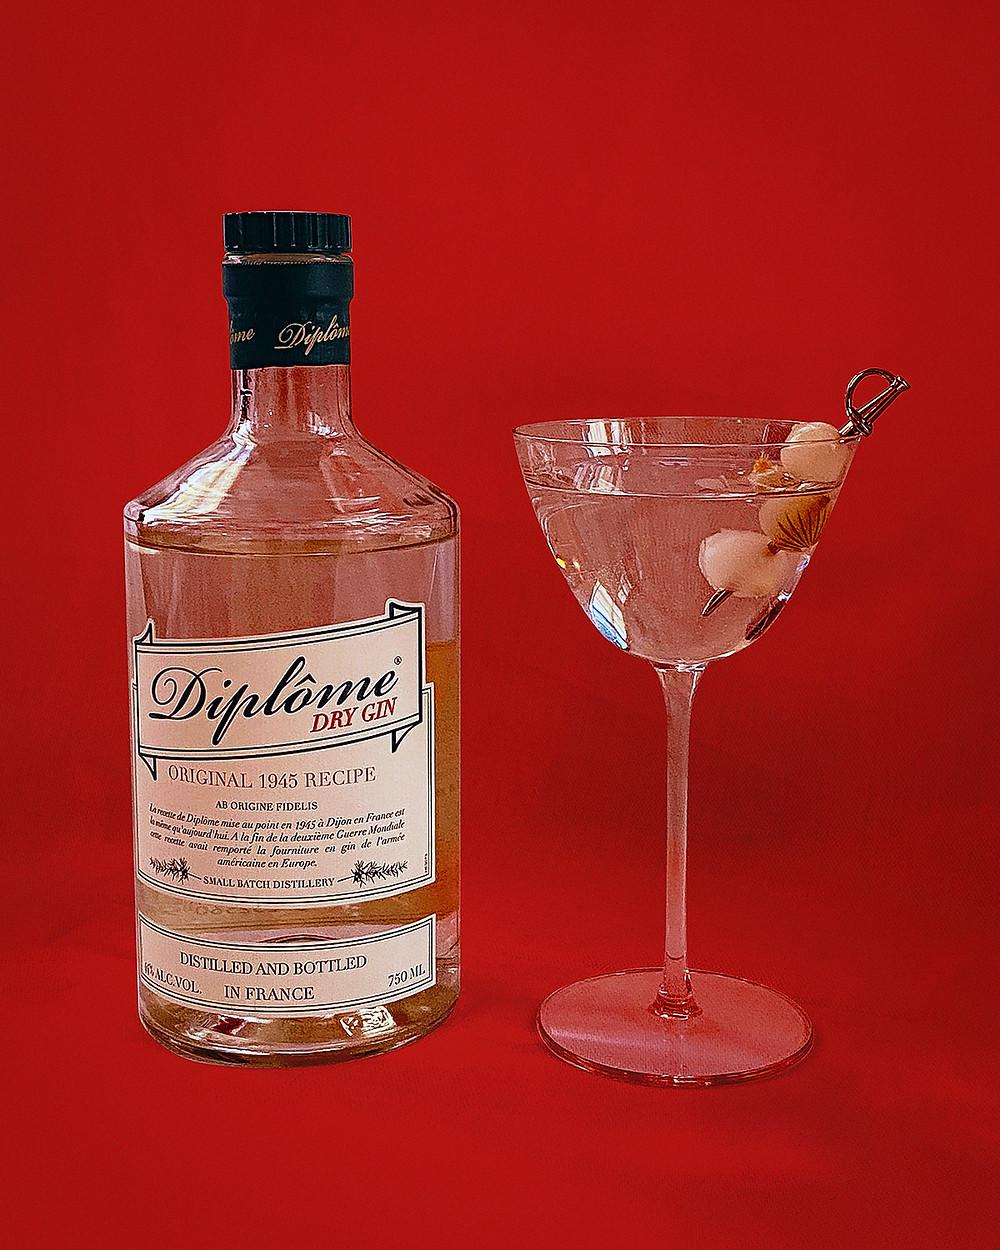 Gin Professors Diplome